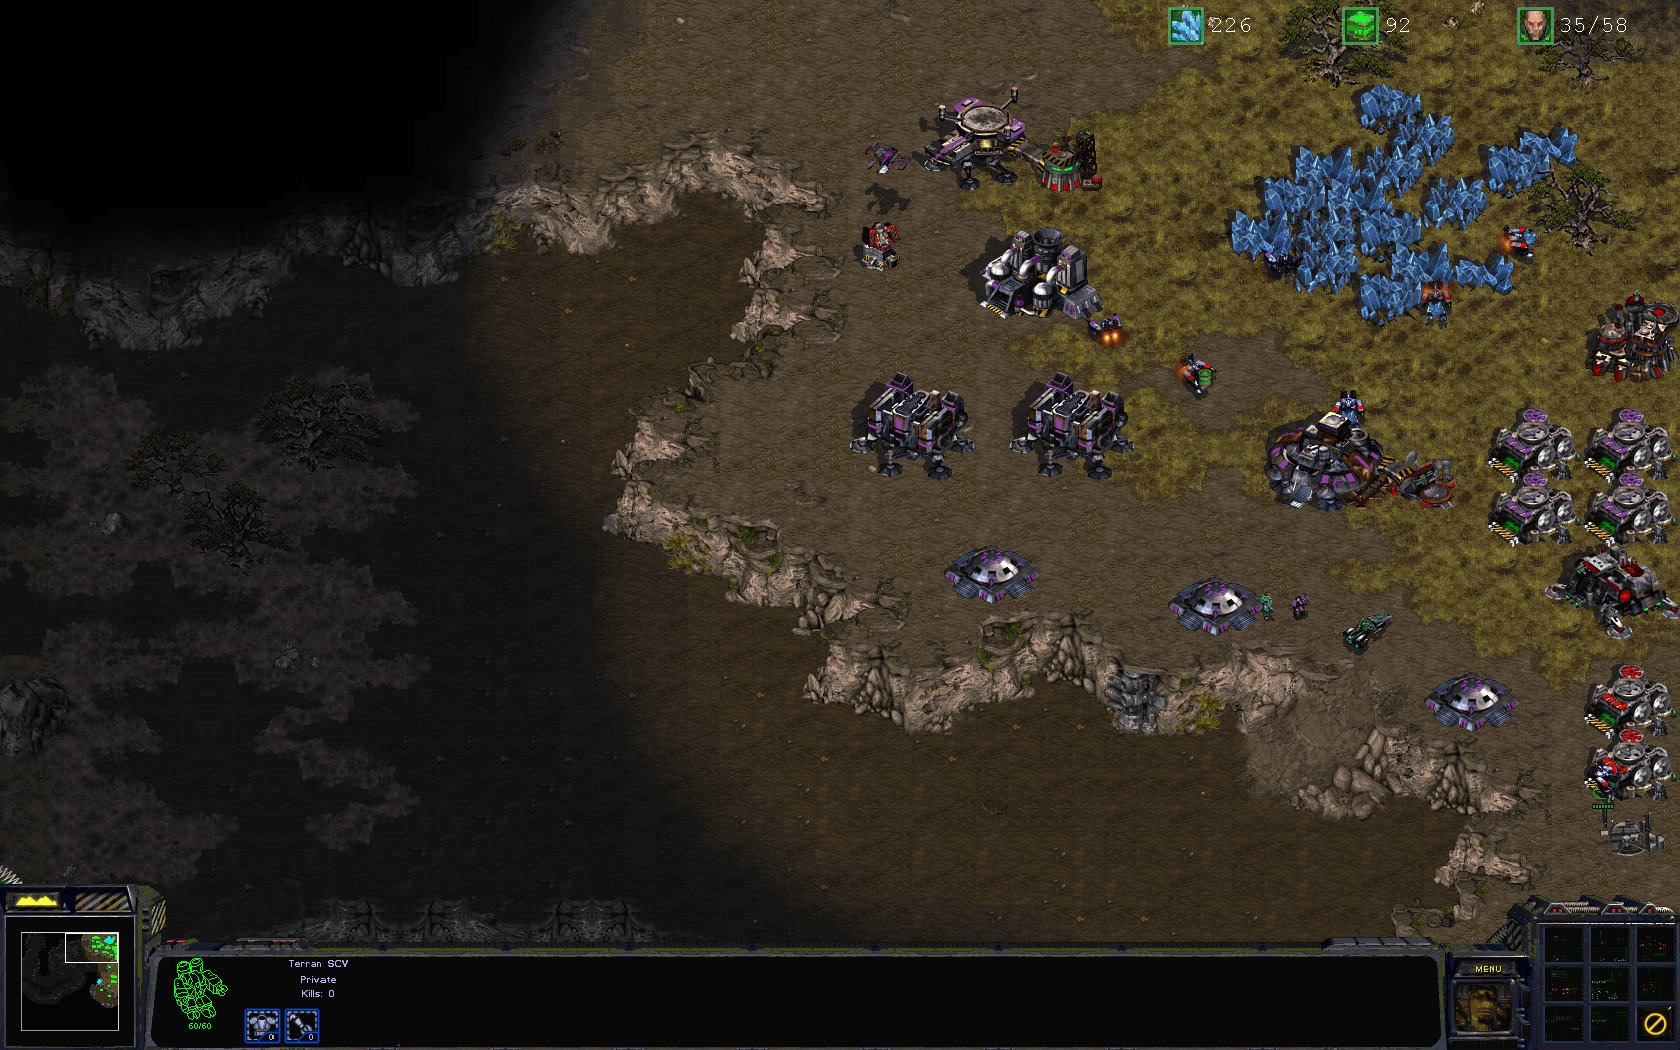 Diablo 2 HD port? - Diablo III Message Board for PC - GameFAQs